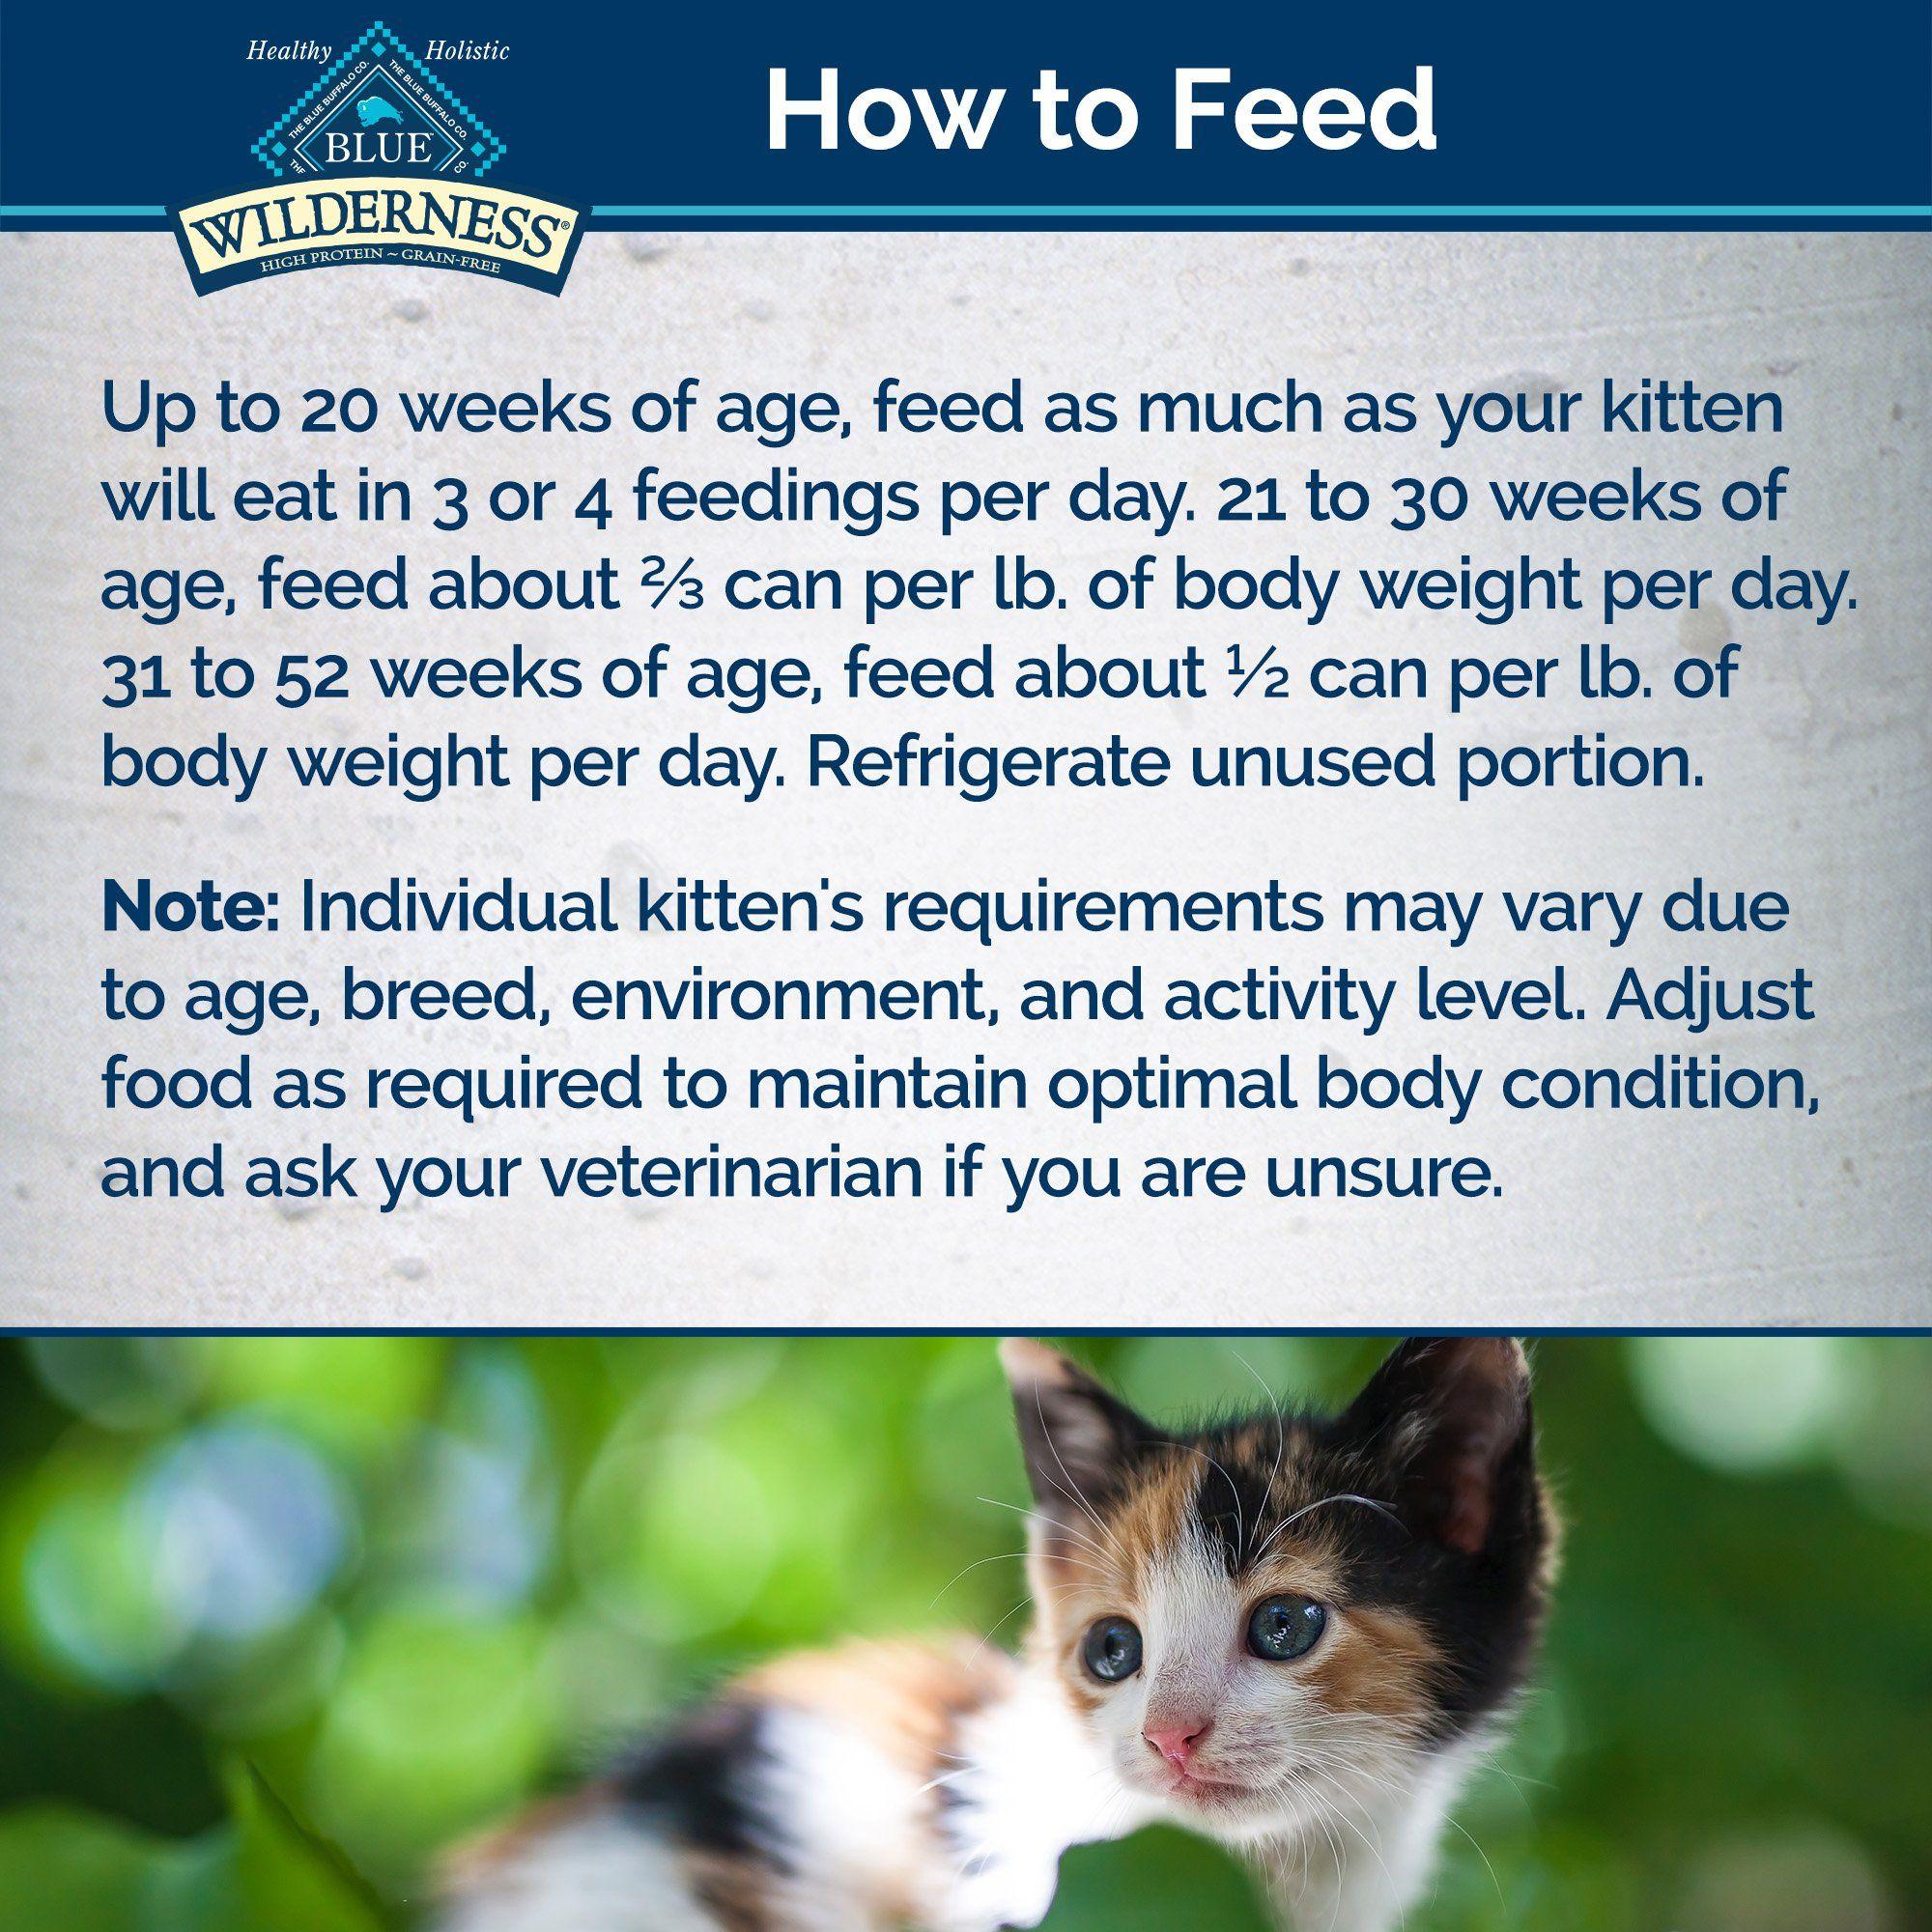 Blue Buffalo Blue Wilderness Kitten Salmon Recipe Wet Cat Food 3 Oz Case Of 24 24 X 3 Oz Cat Food Kittens Kitten Food